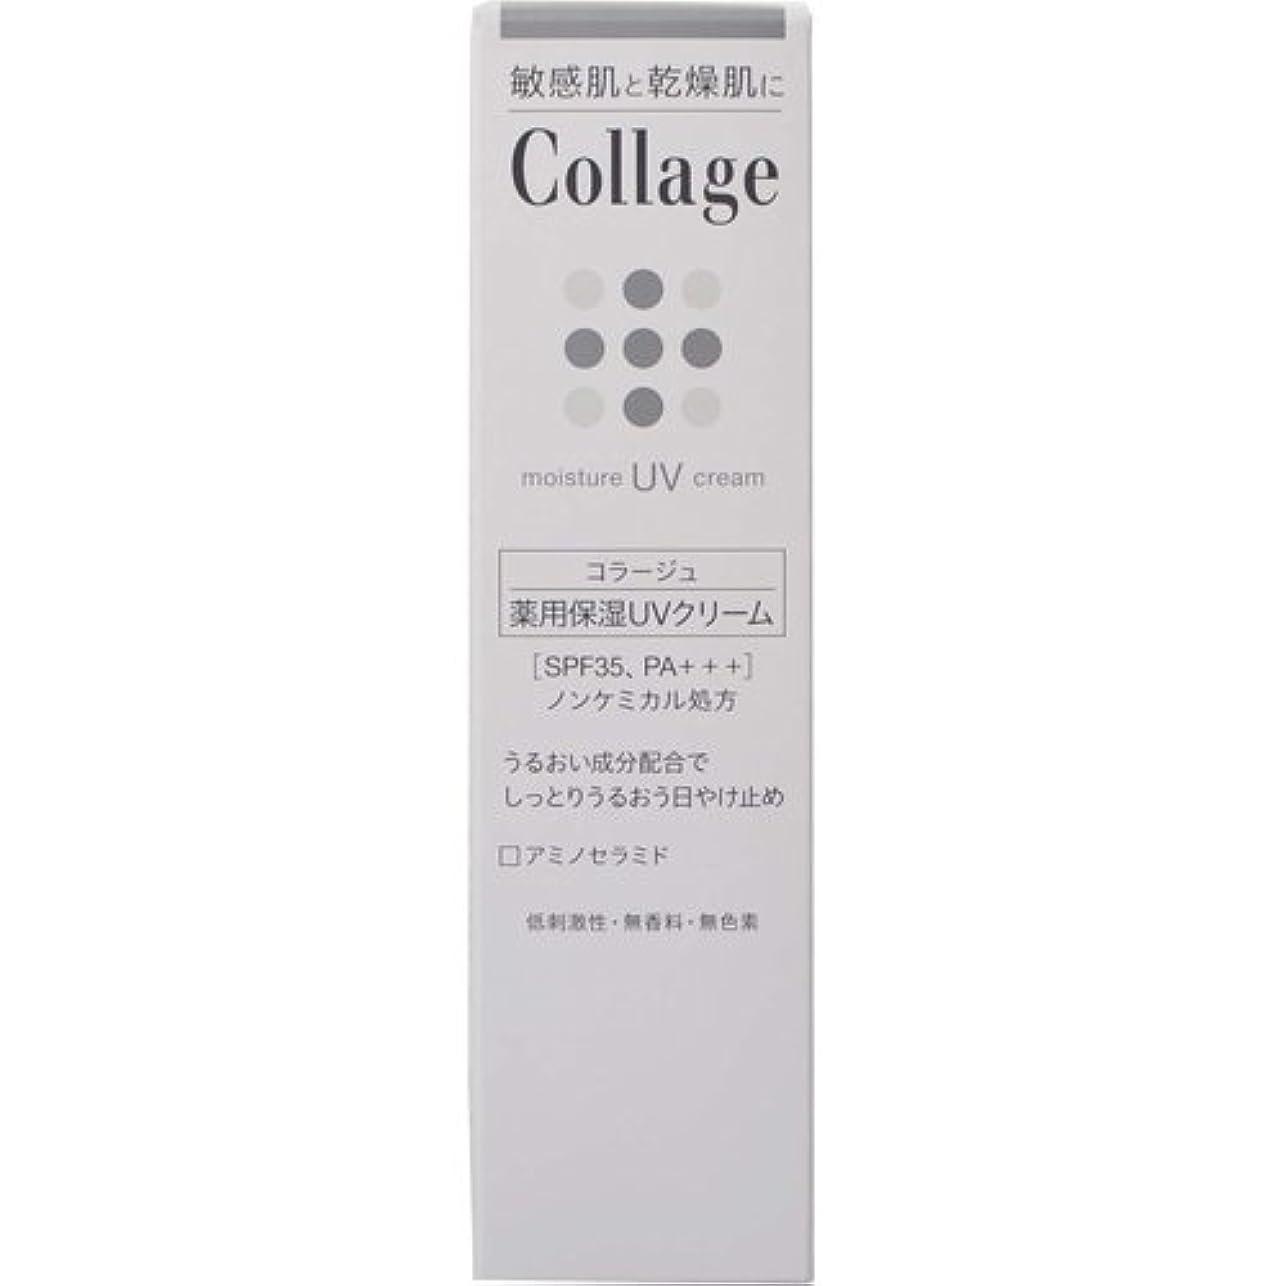 使用法地下鉄熟練したコラージュ 薬用保湿UVクリーム 30g 【医薬部外品】